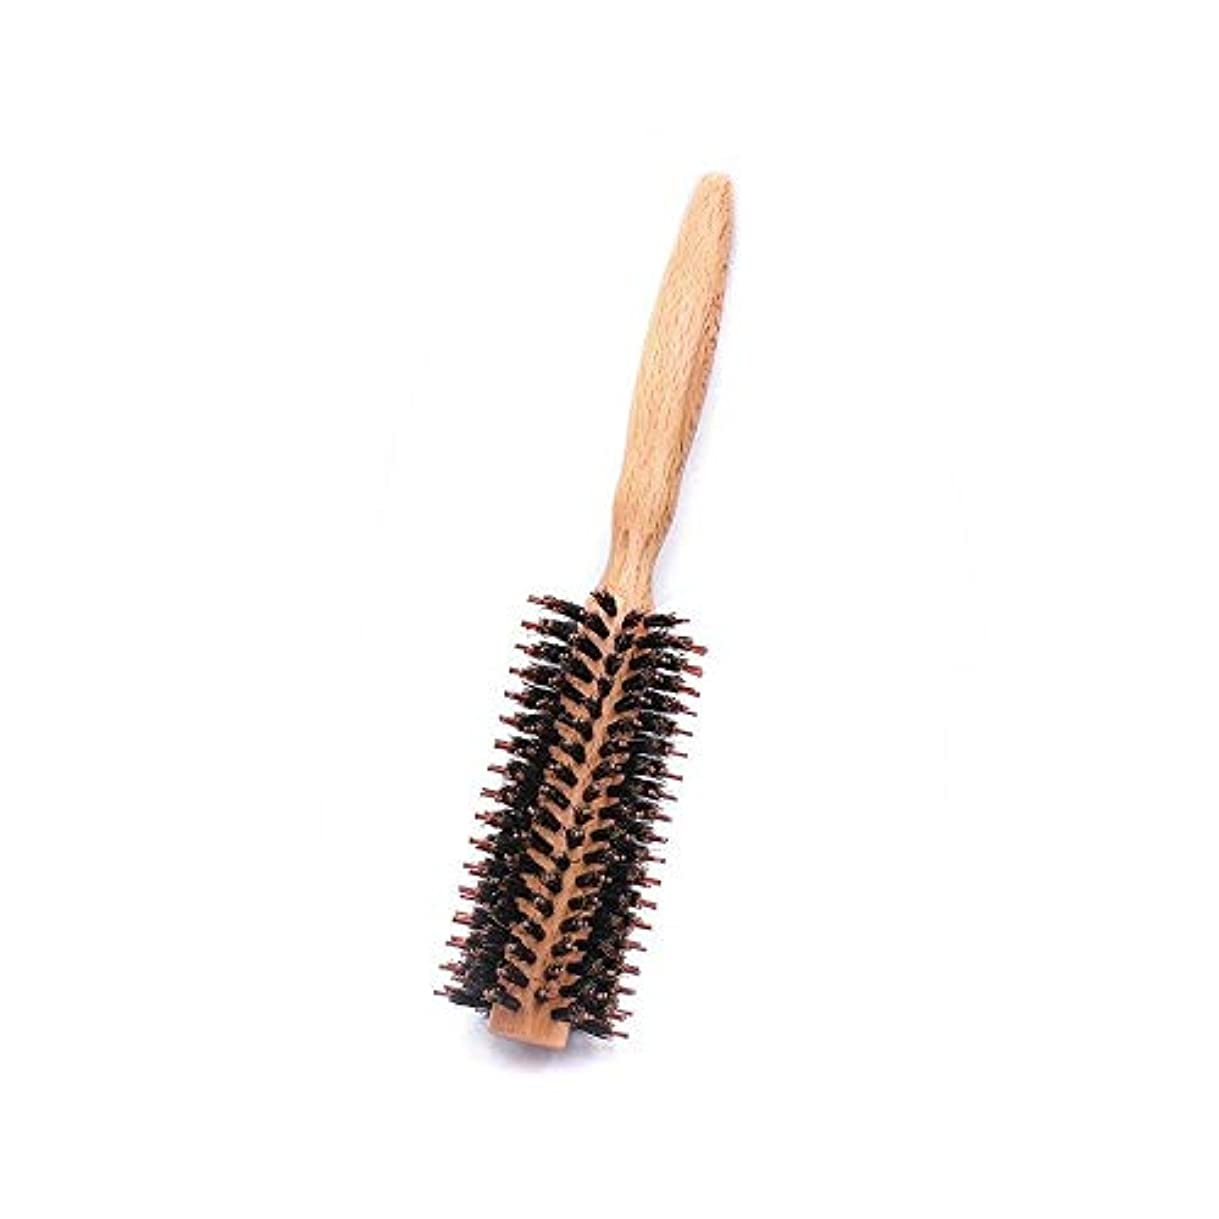 ジェームズダイソンできるわかりやすいヘアコーム理髪くし ラウンドスタイリングヘア毛ブラシ - ナチュラル木製ハンドルの櫛でドライヤー&カーリングロールヘアブラシフェラ ヘアスタイリングコーム (Color : Twill, Size : S)